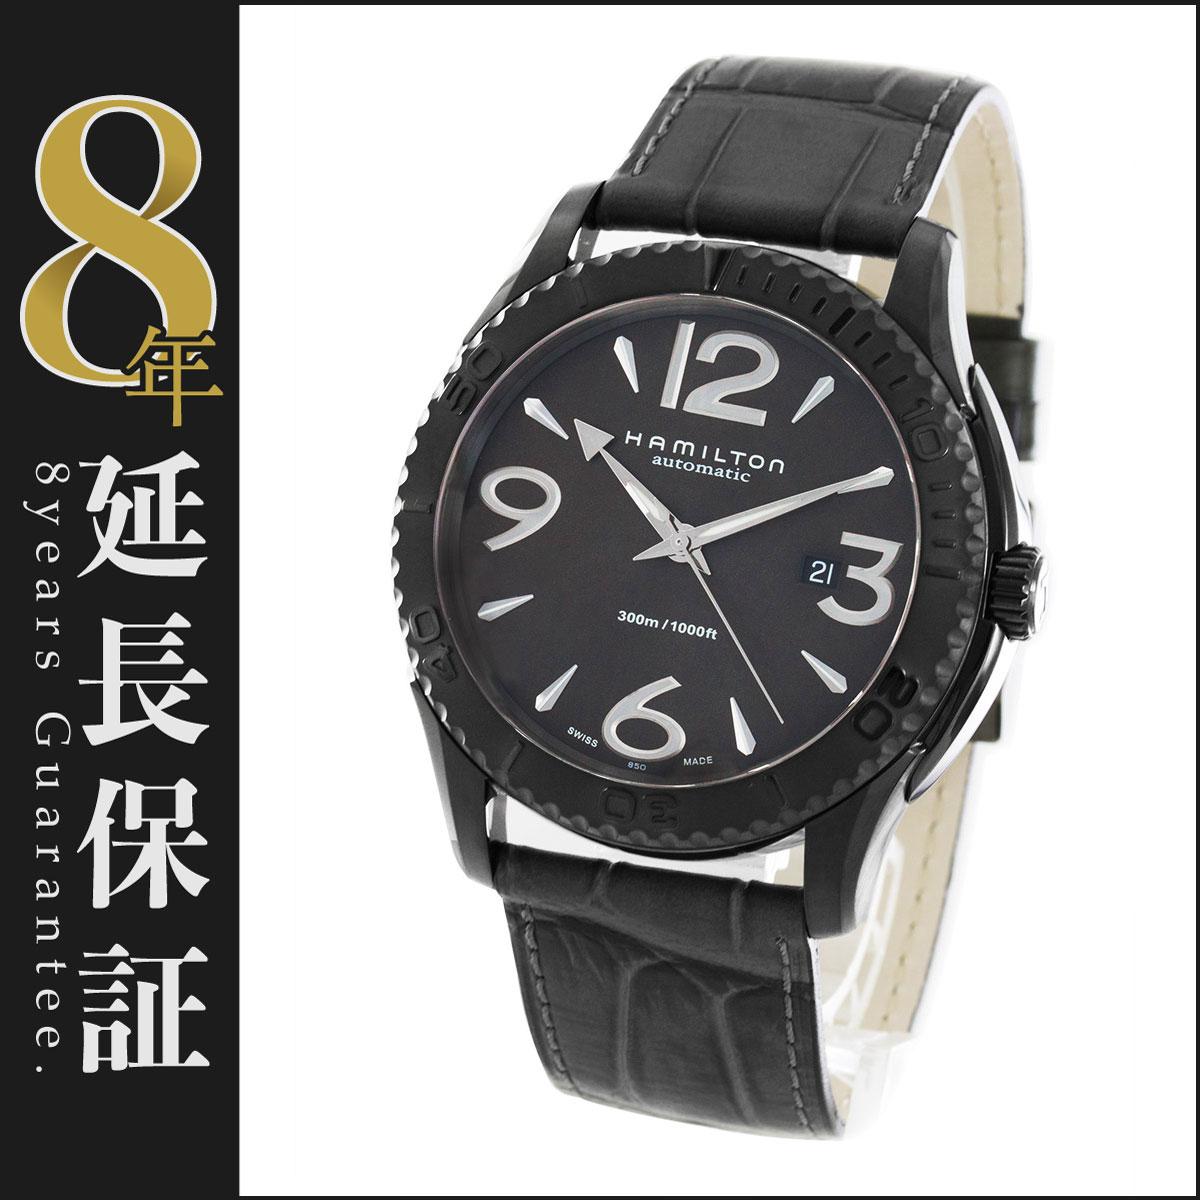 ハミルトン HAMILTON 腕時計 ジャズマスター シービュー 300m防水 メンズ H37785685_8